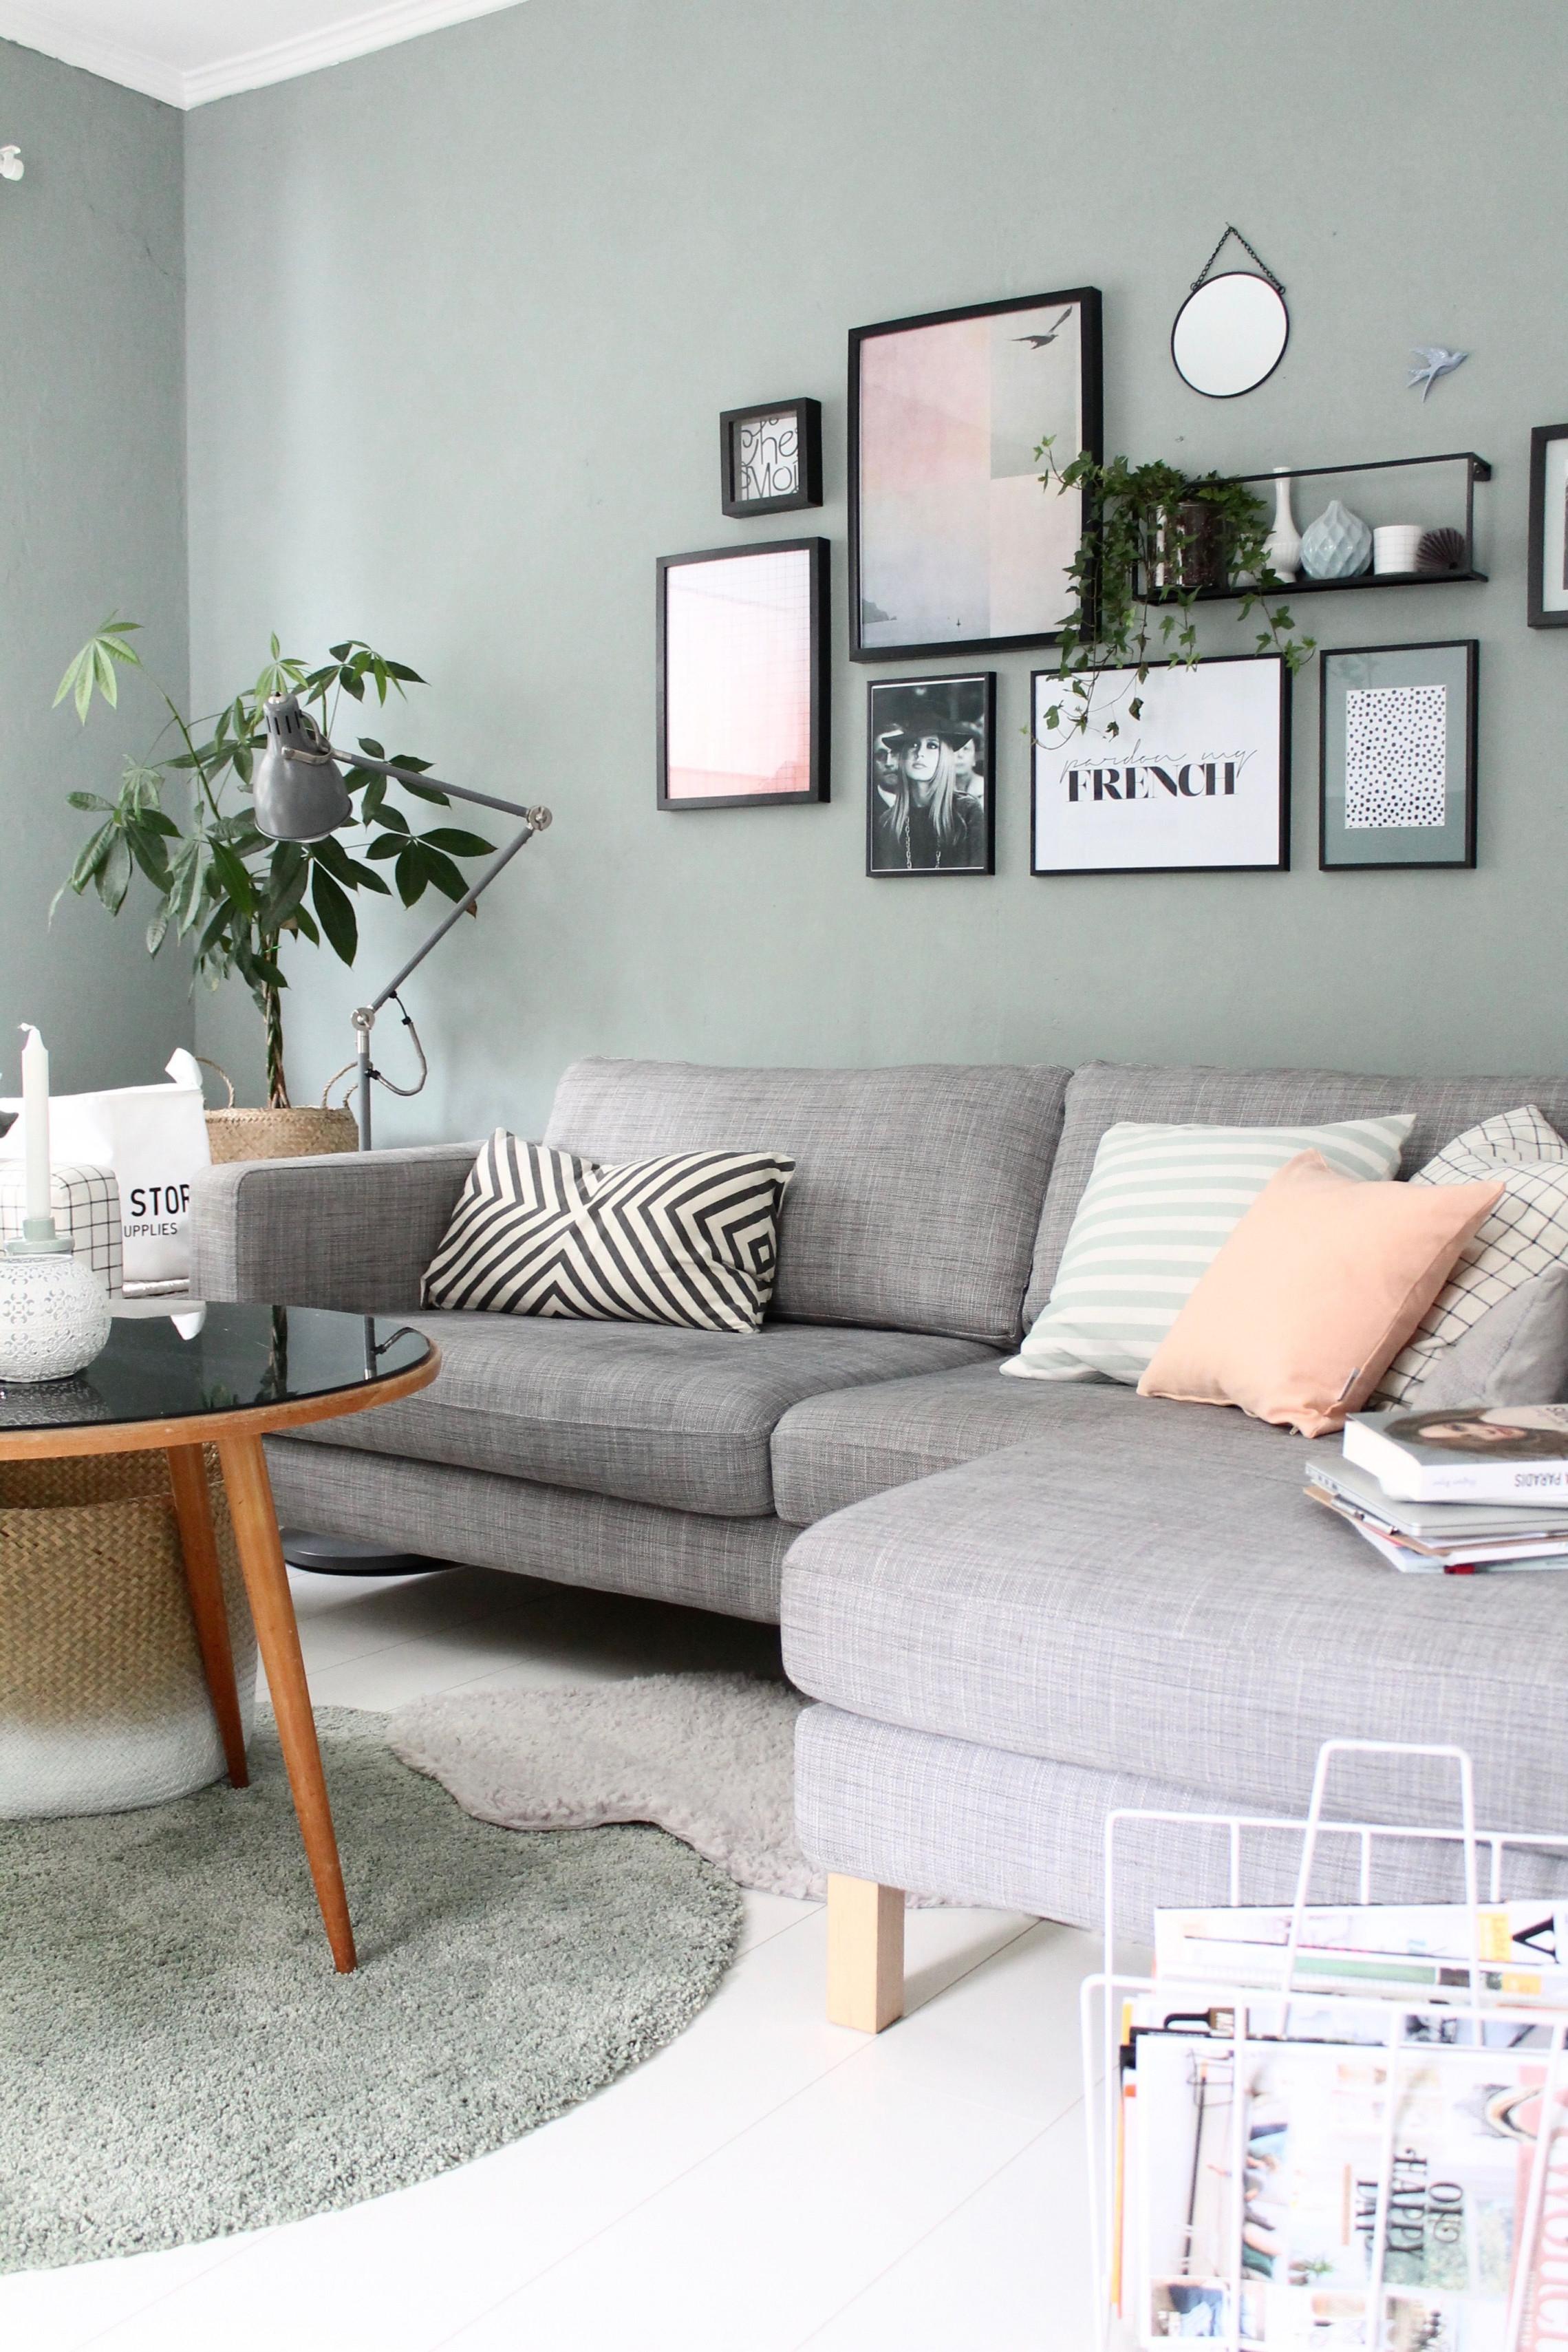 Eine Sanfte Wandfarbe Im Wohnzimmer Wwwkolorat Kolorat von Wohnzimmer Ideen Farben Photo